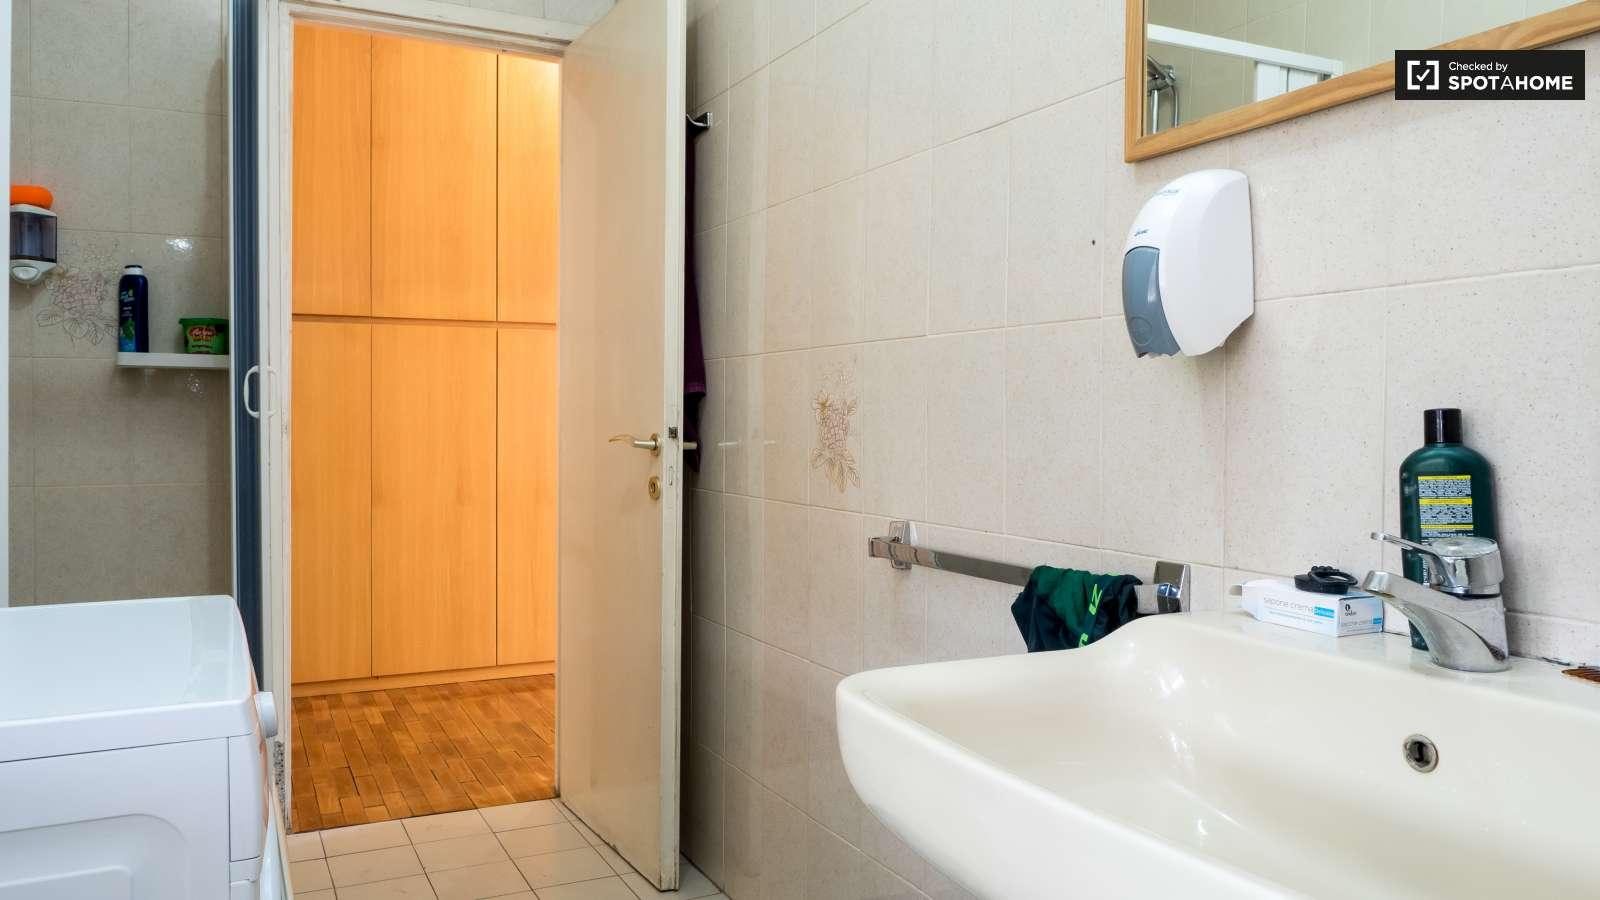 Stanze in affitto in un appartamento con 2 camere da letto for Appartamento con 2 camere da letto